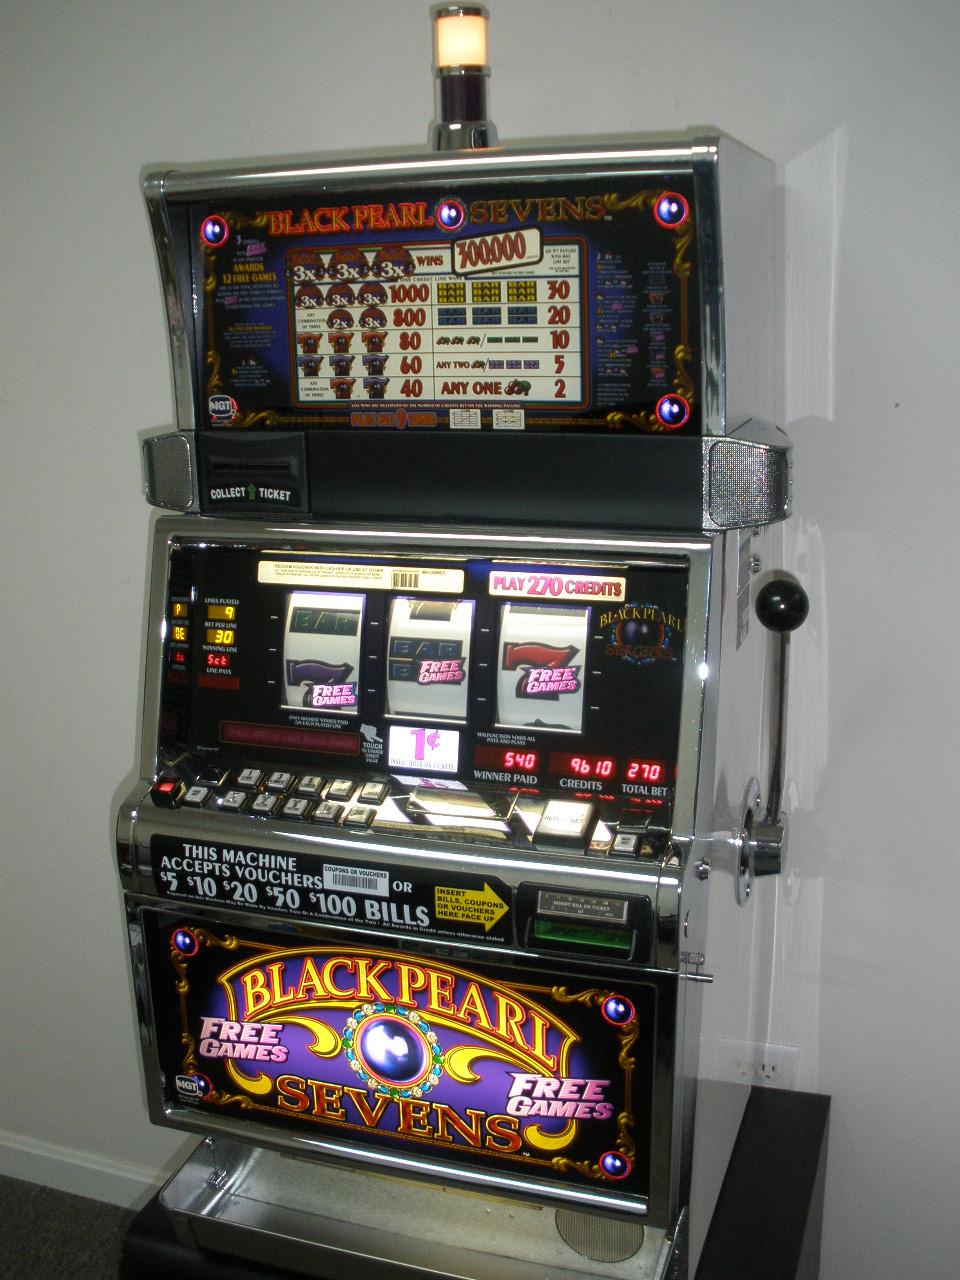 Mobile slot bonus - 2380